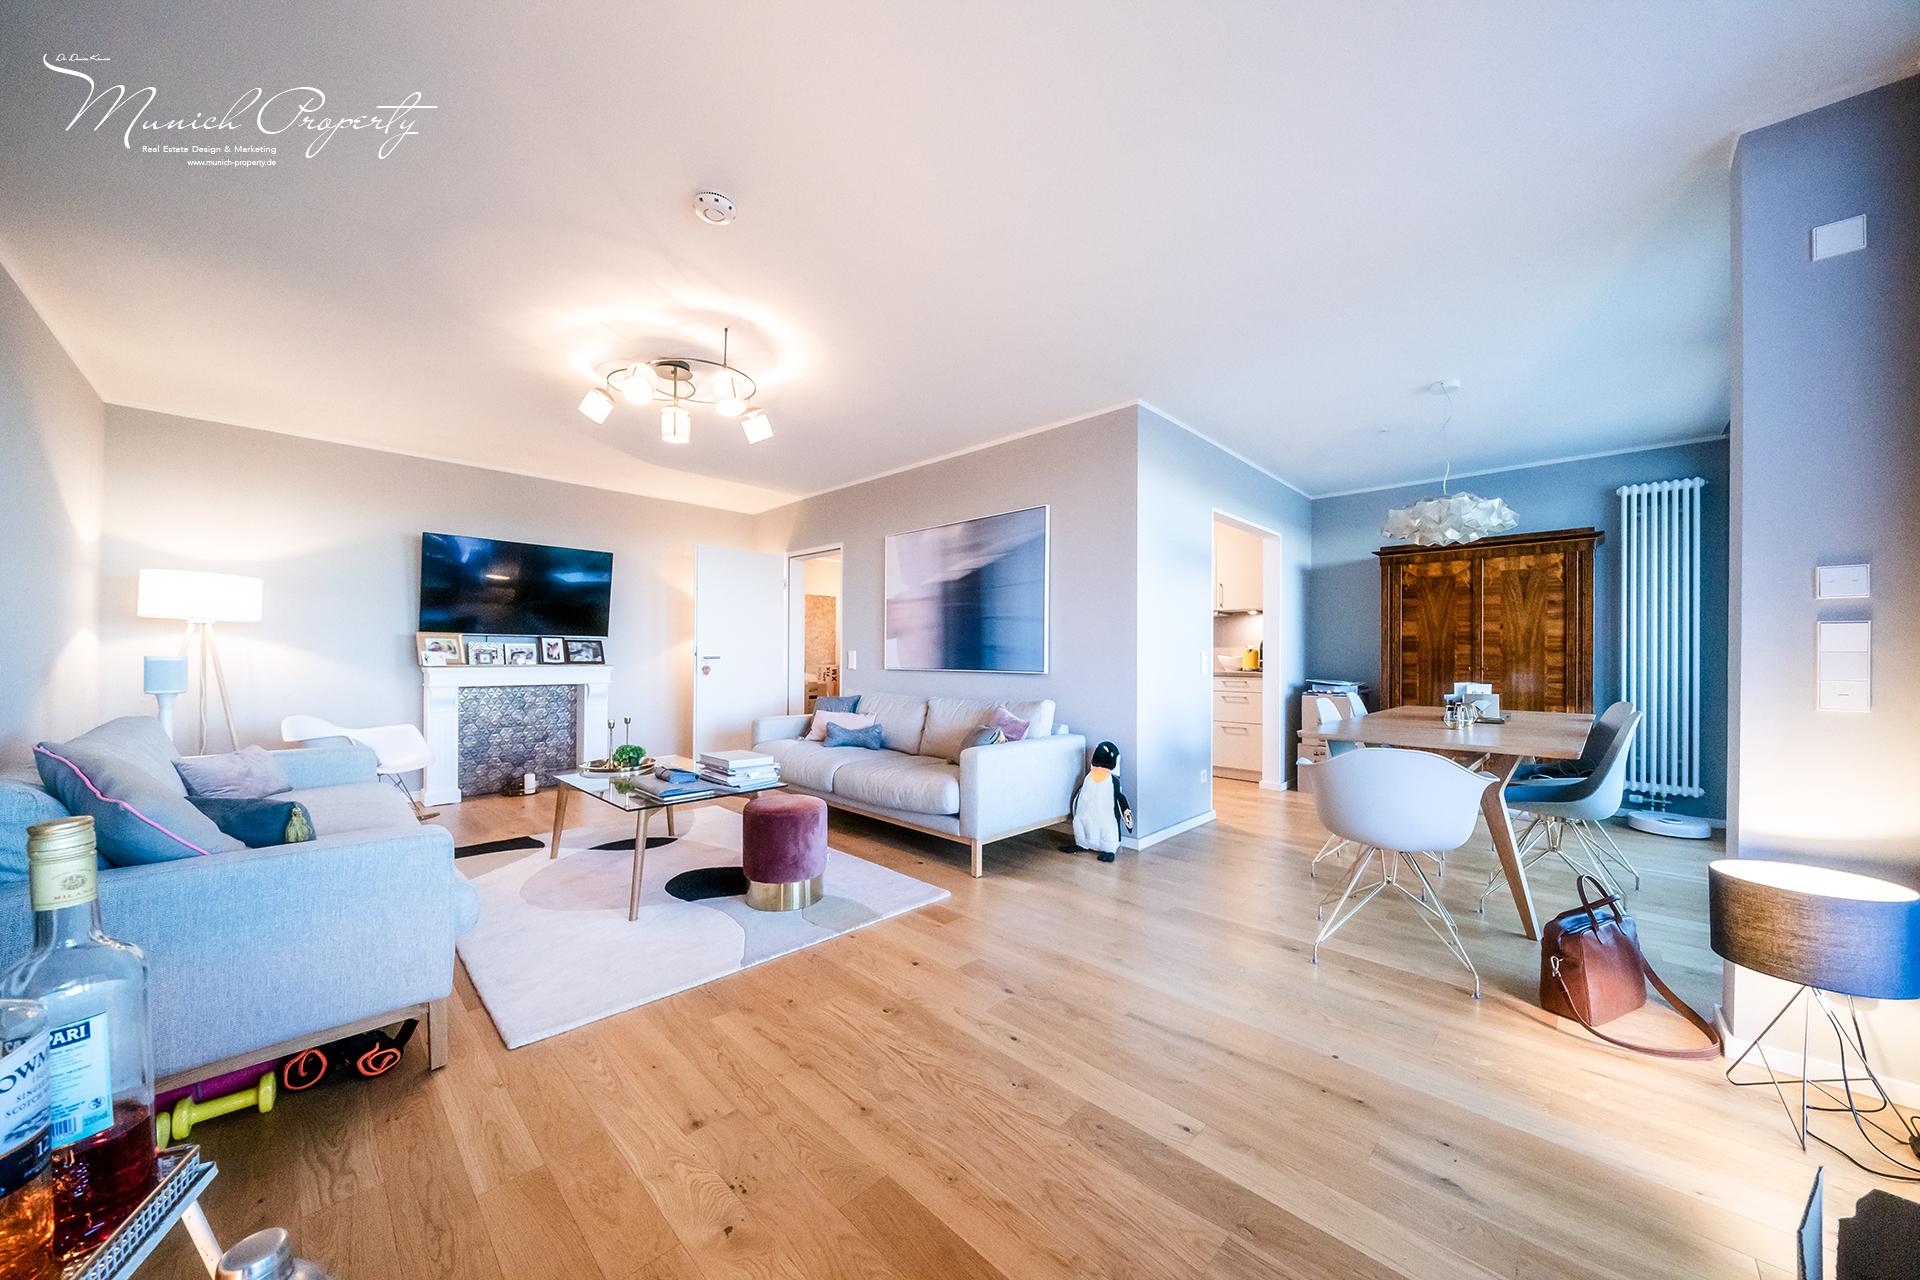 Außergewöhnlich schöne 4 Zimmer Wohnung mit 3 Süd-Balkonen ...